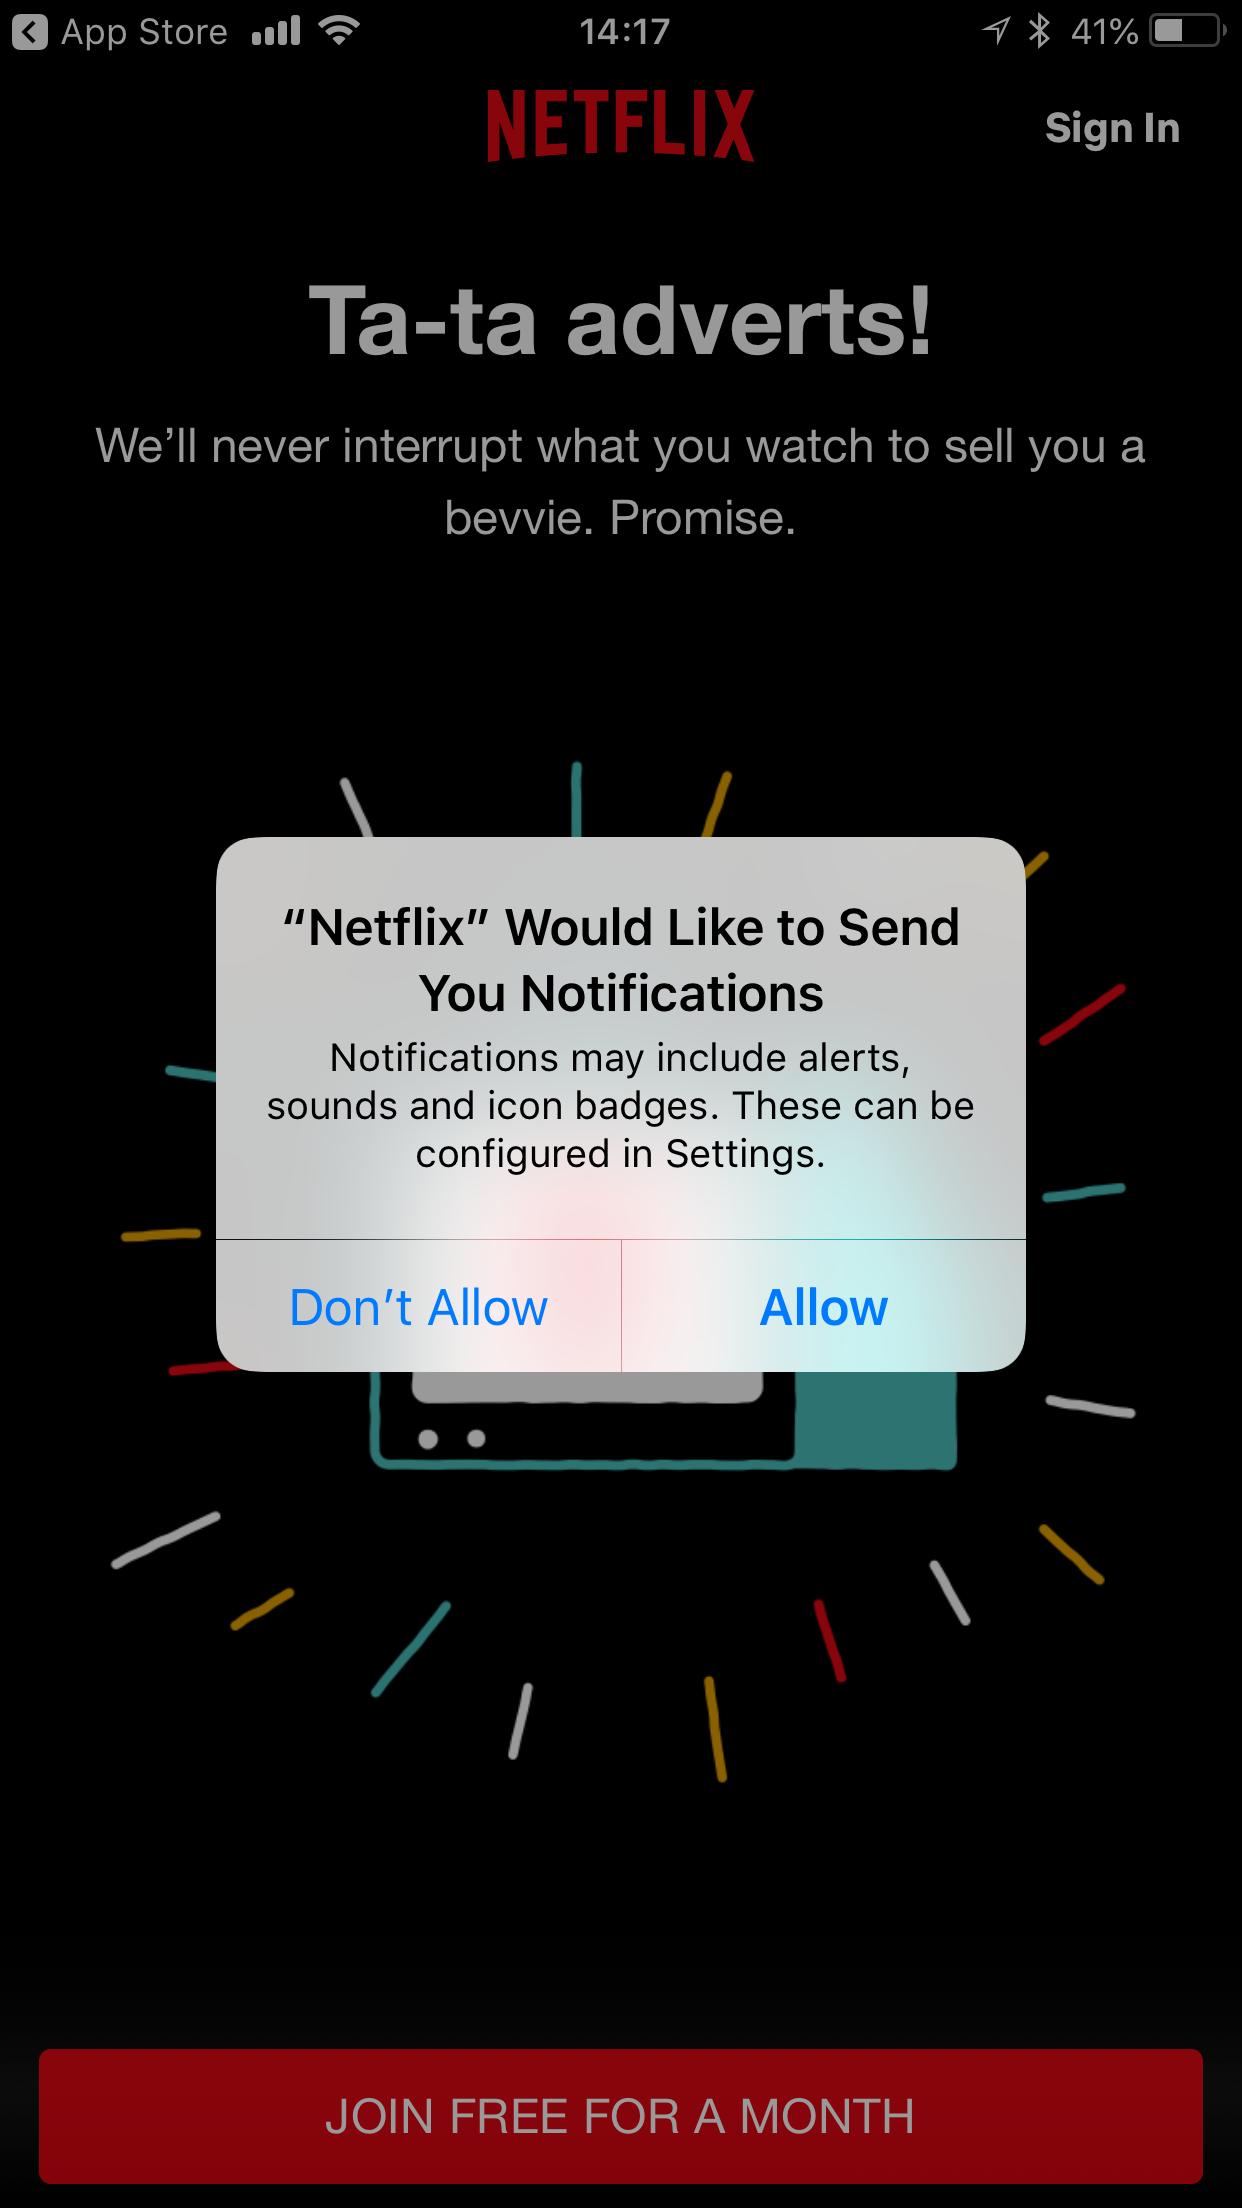 Netflix app permission request push notification